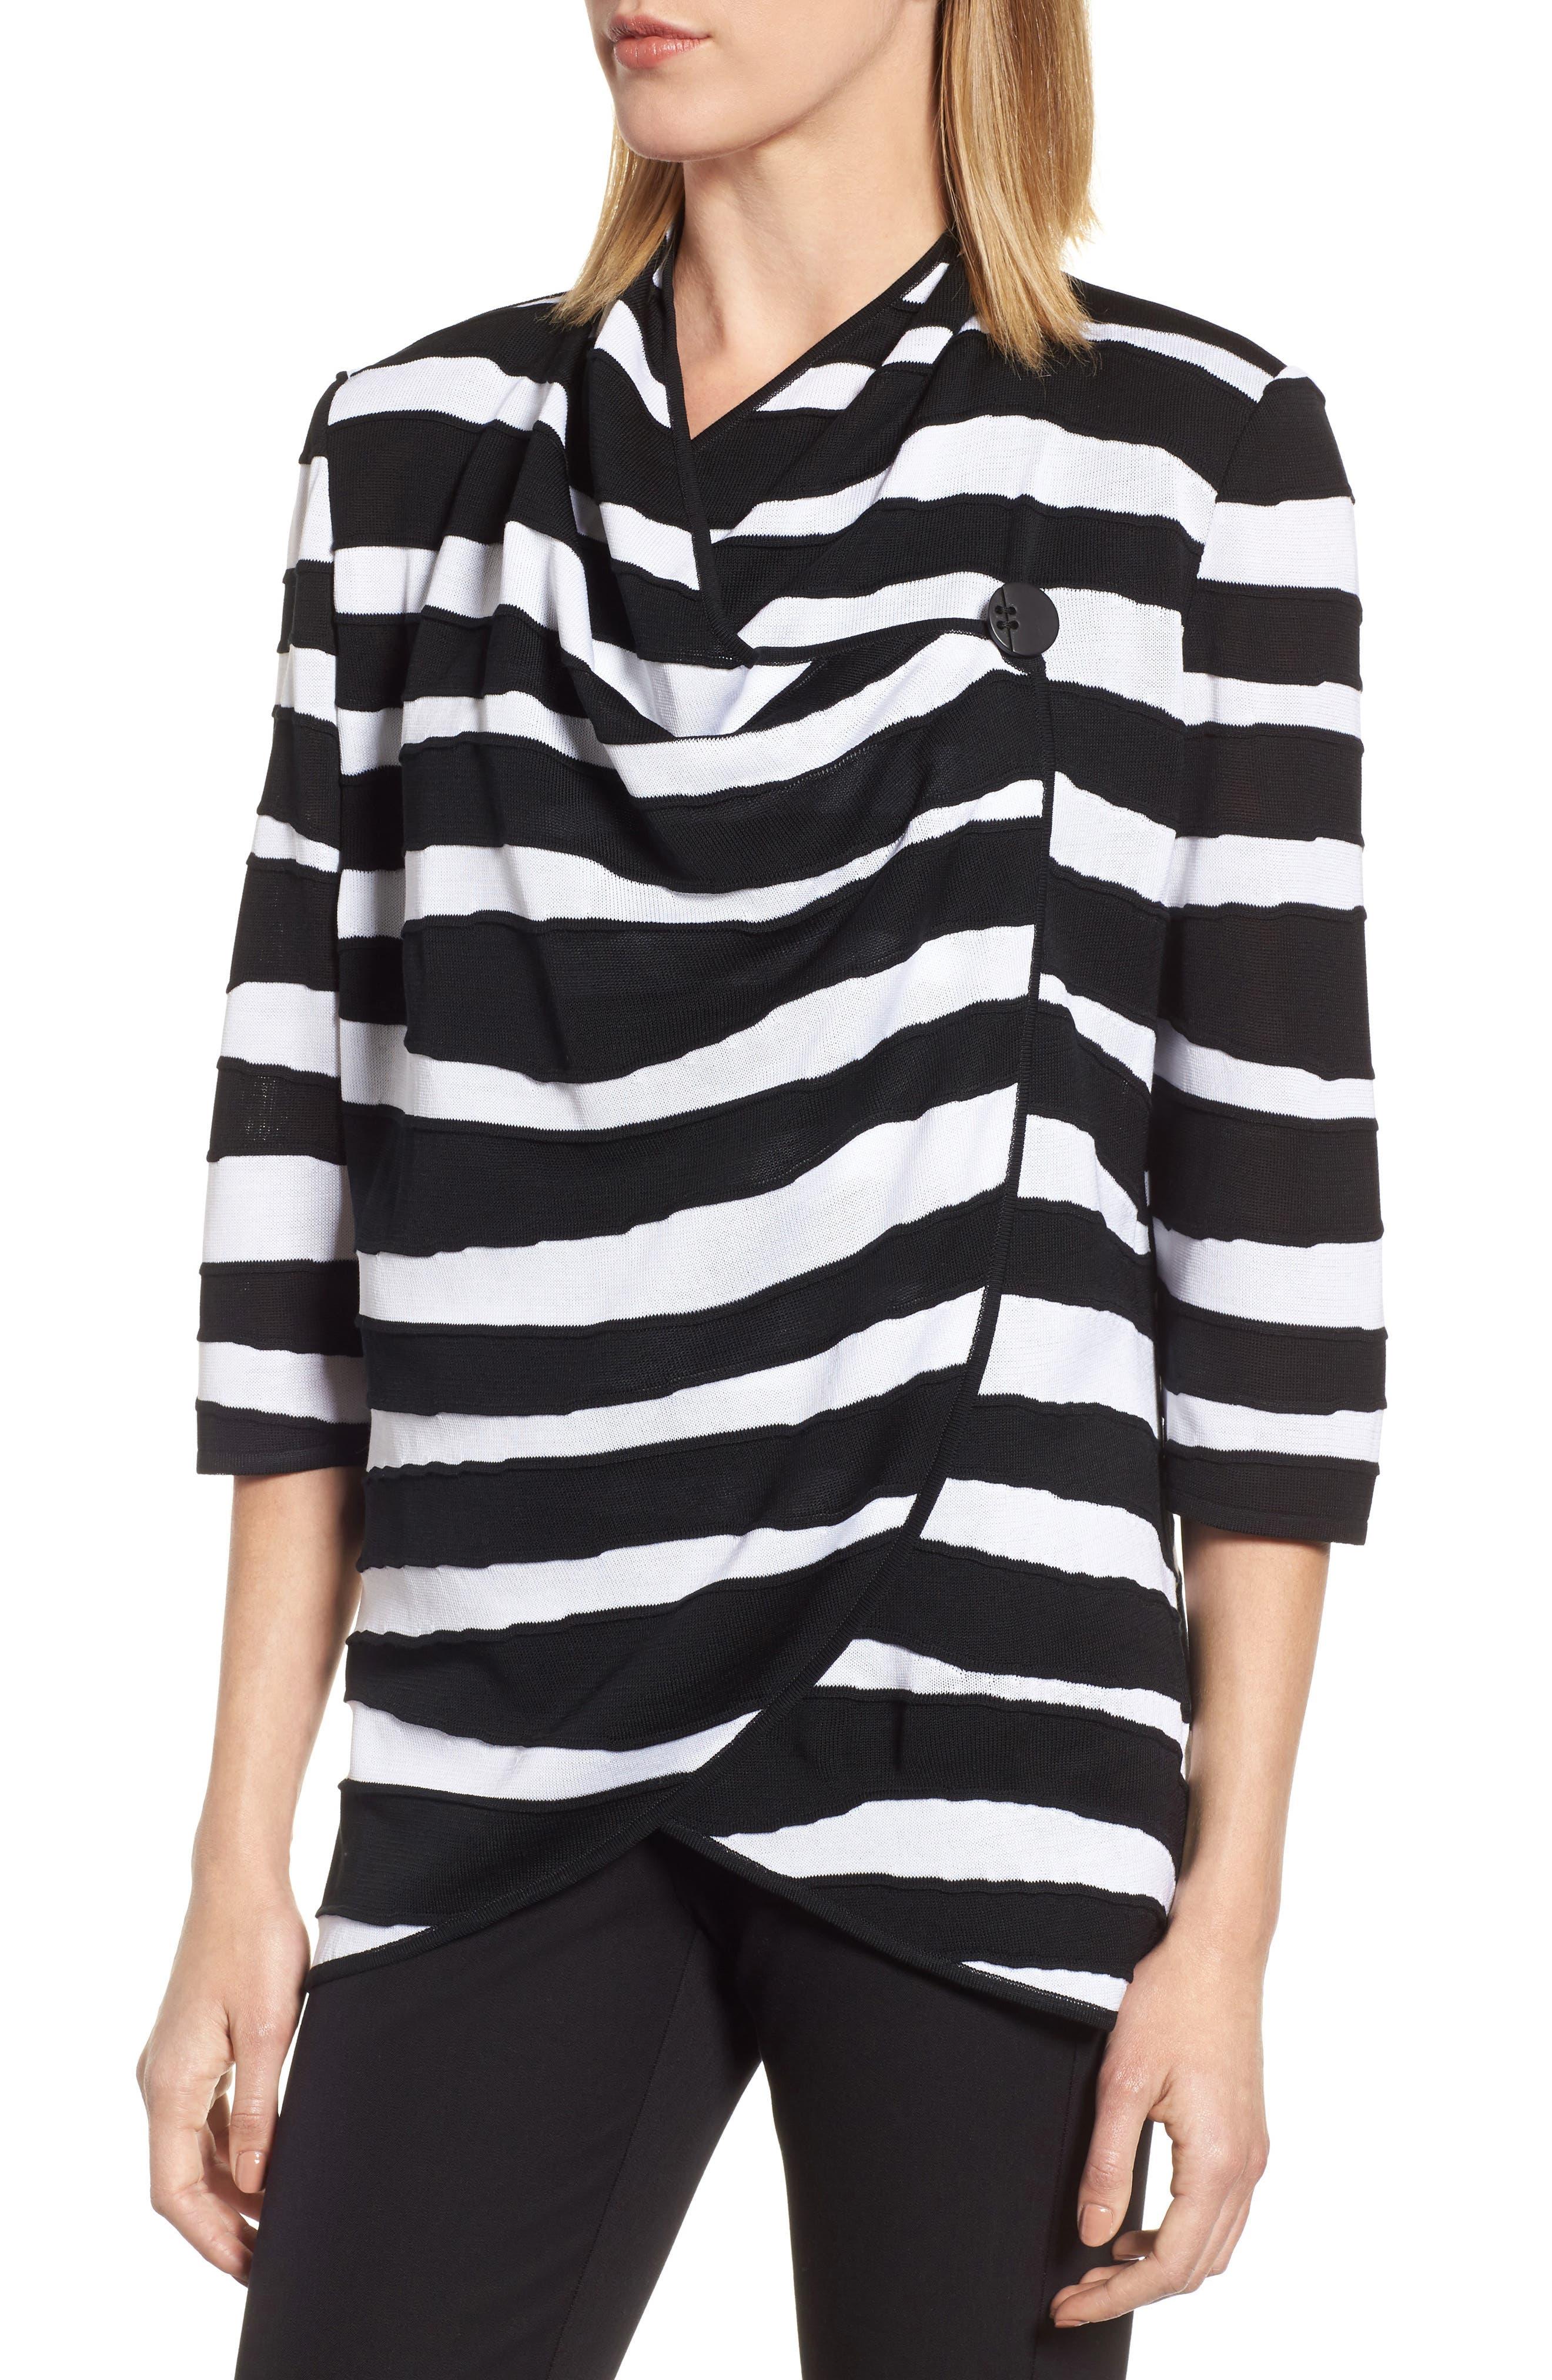 Animal Jacquard Knit Jacket,                             Alternate thumbnail 4, color,                             Black/ White